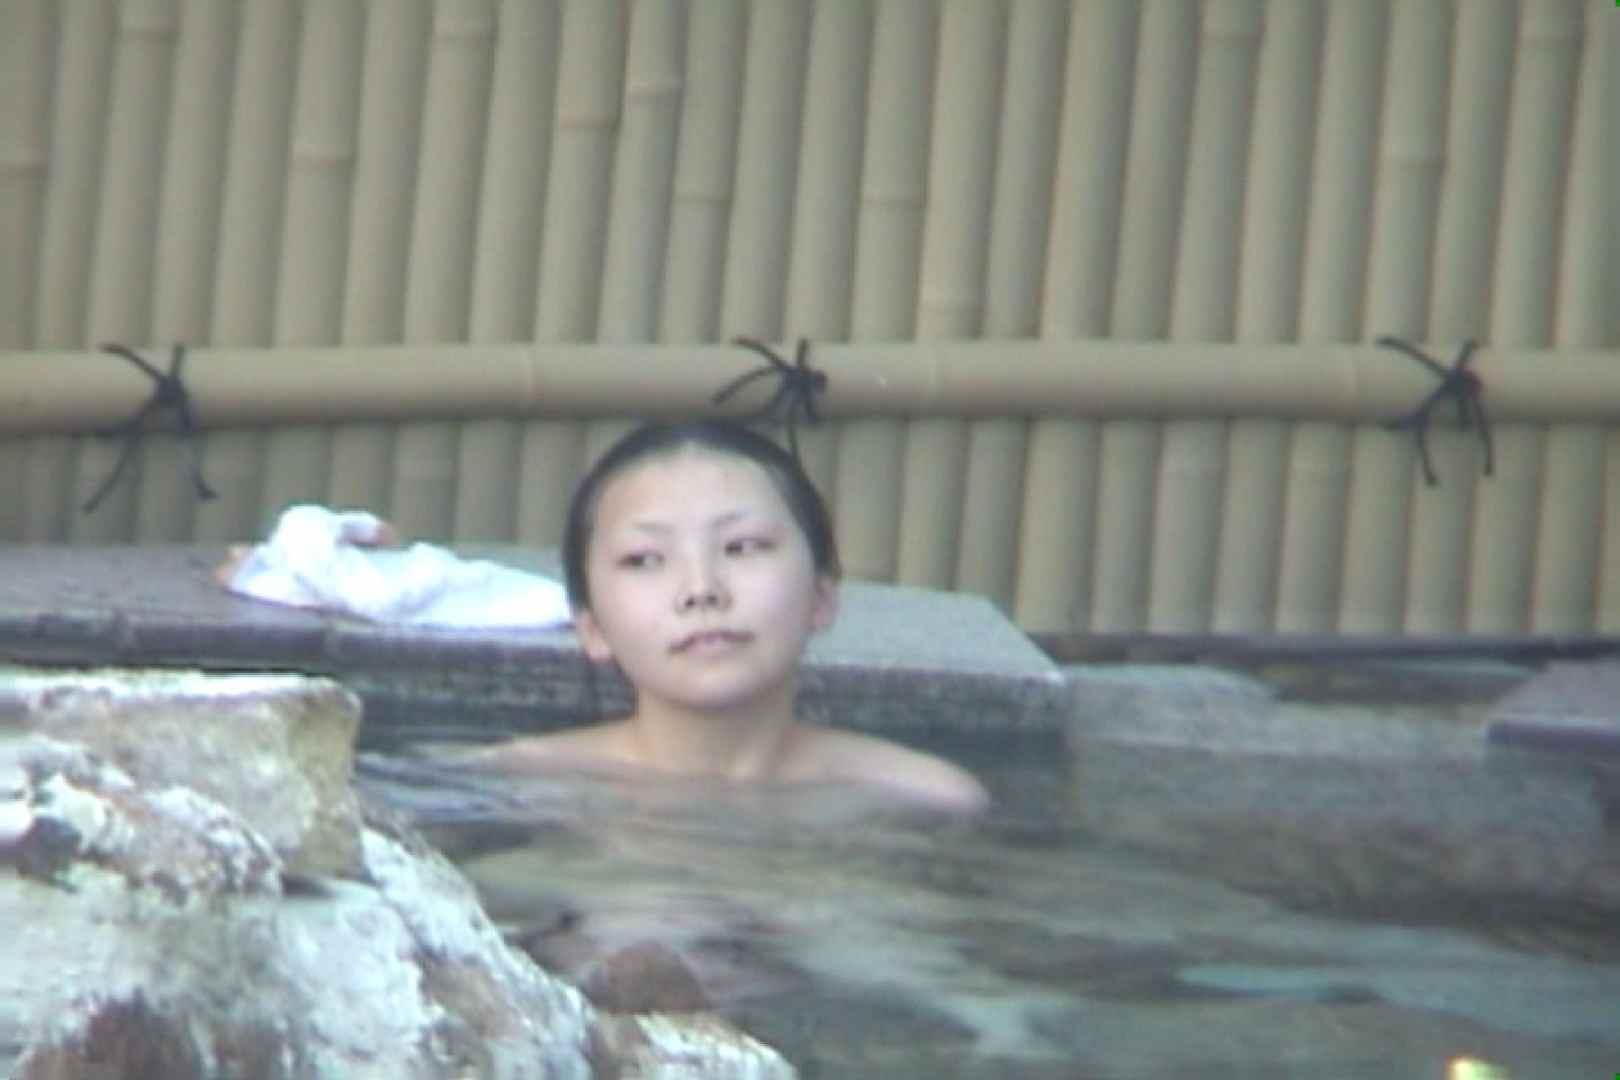 Aquaな露天風呂Vol.572 盗撮  67PICs 18